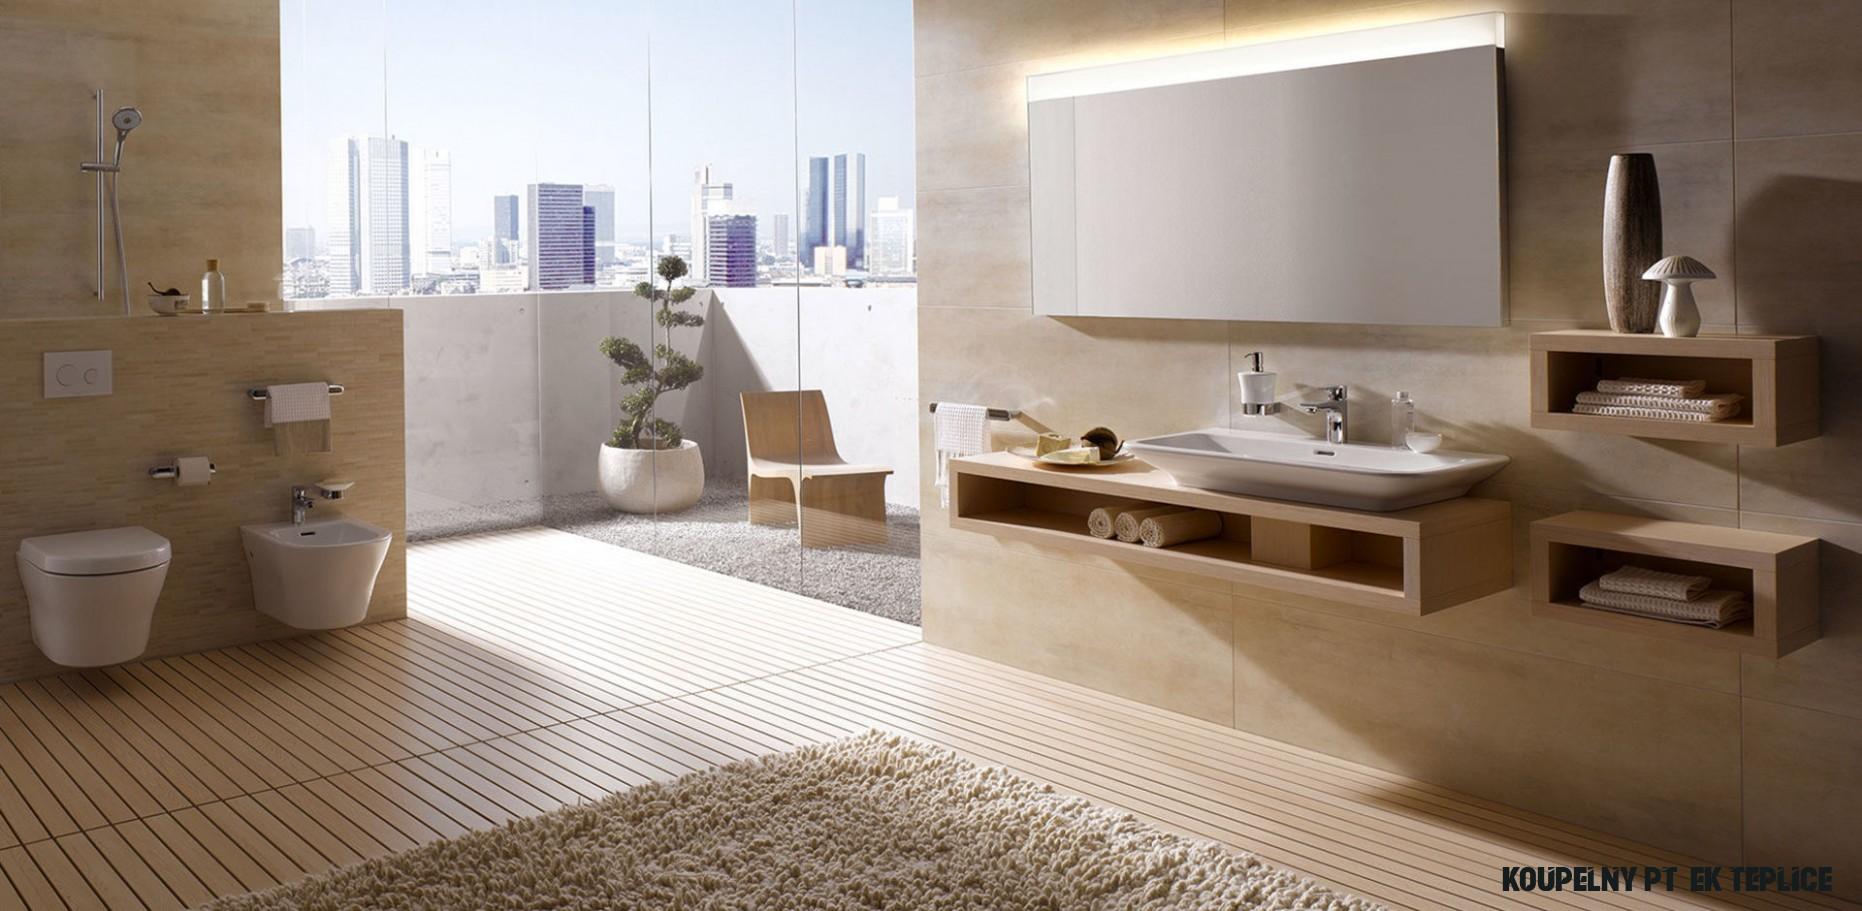 Ptáček Premium / enjoy your premium bathroom